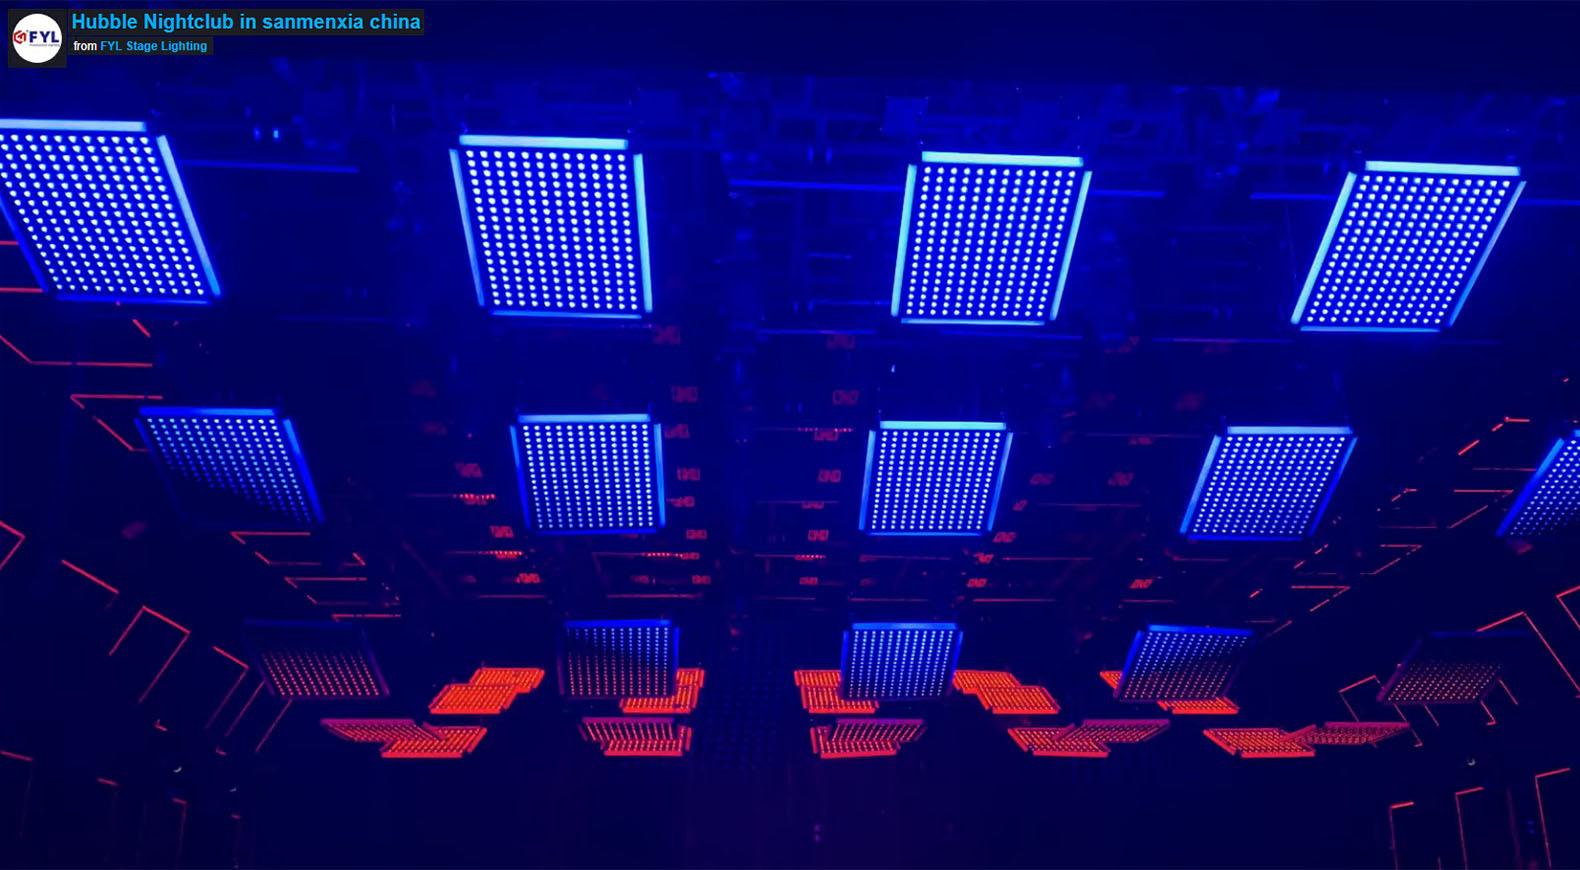 Hubble Nightclub in Sanmenxia China